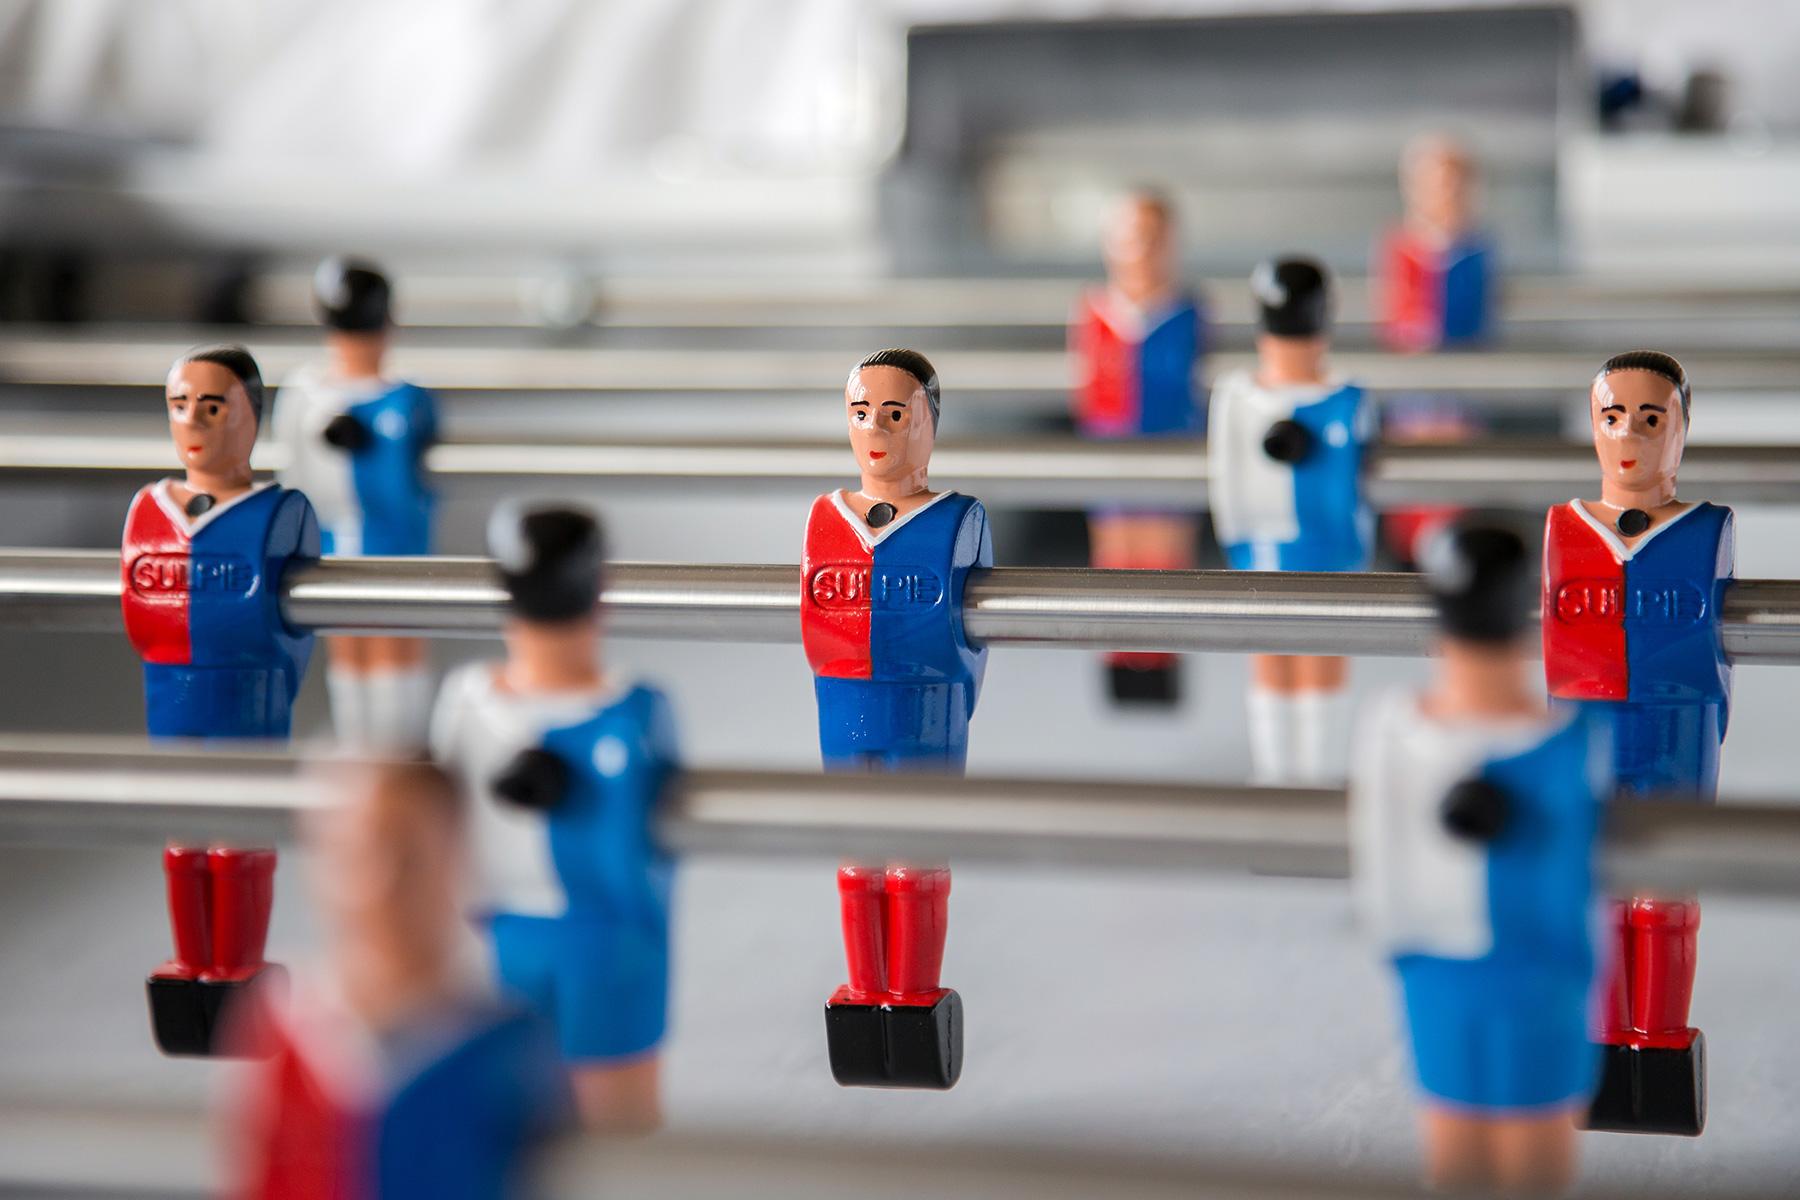 Spielfiguren in den Orginalfarben FC Zürich gegen FC Basel